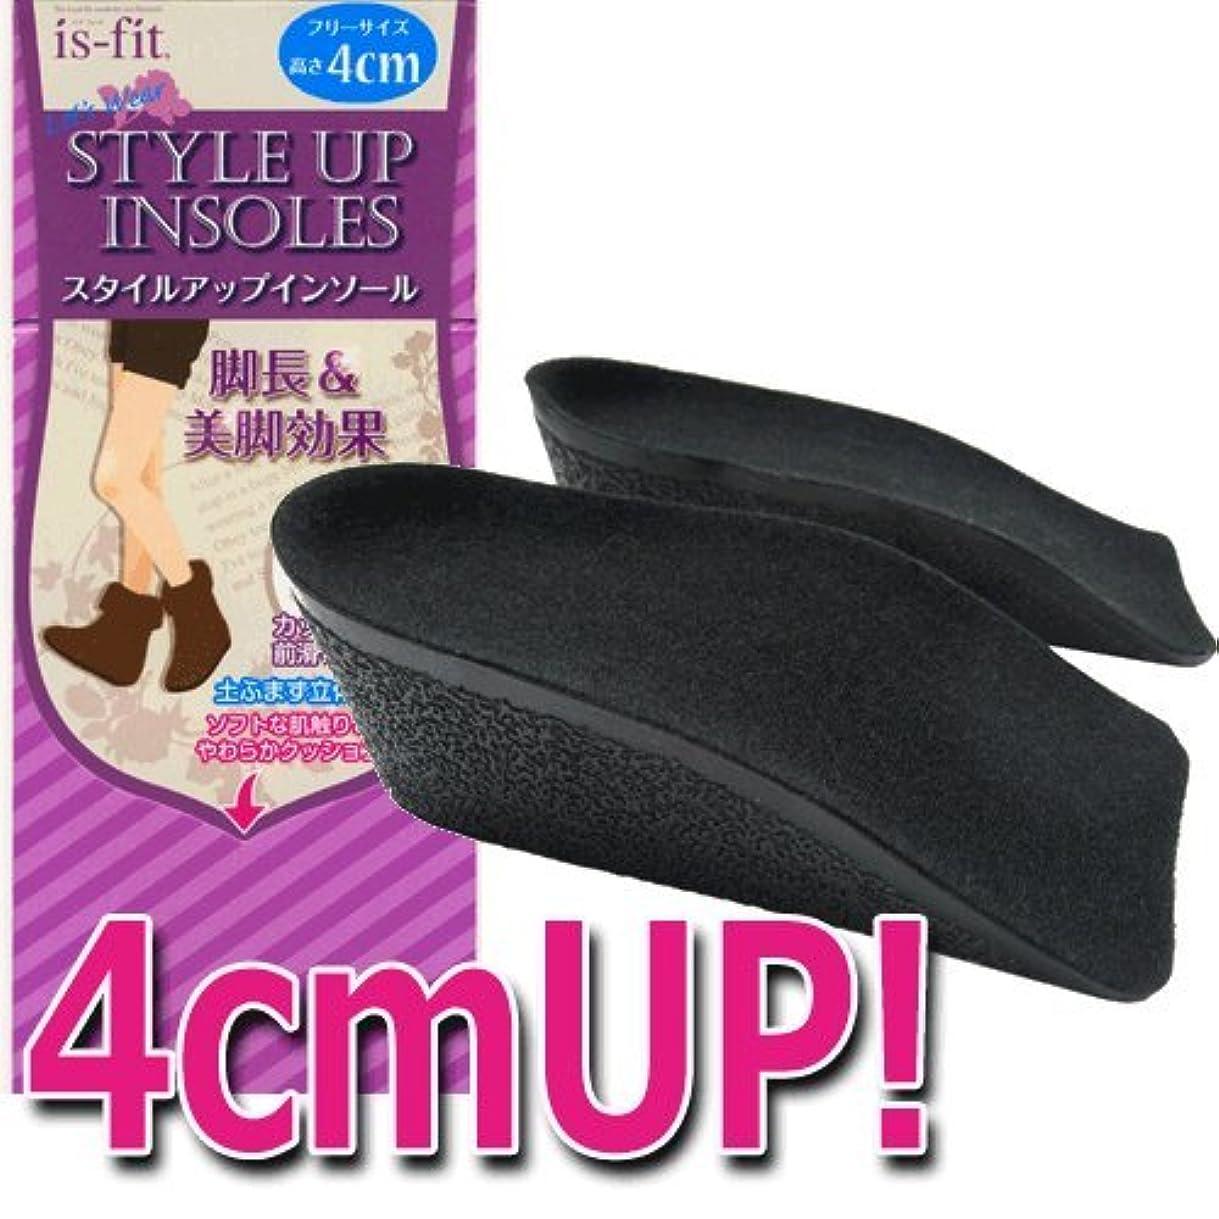 クスコ贈り物呼び出すモリト is-fit(イズフィット) スタイルアップインソール 4cm 女性用 フリーサイズ ブラック